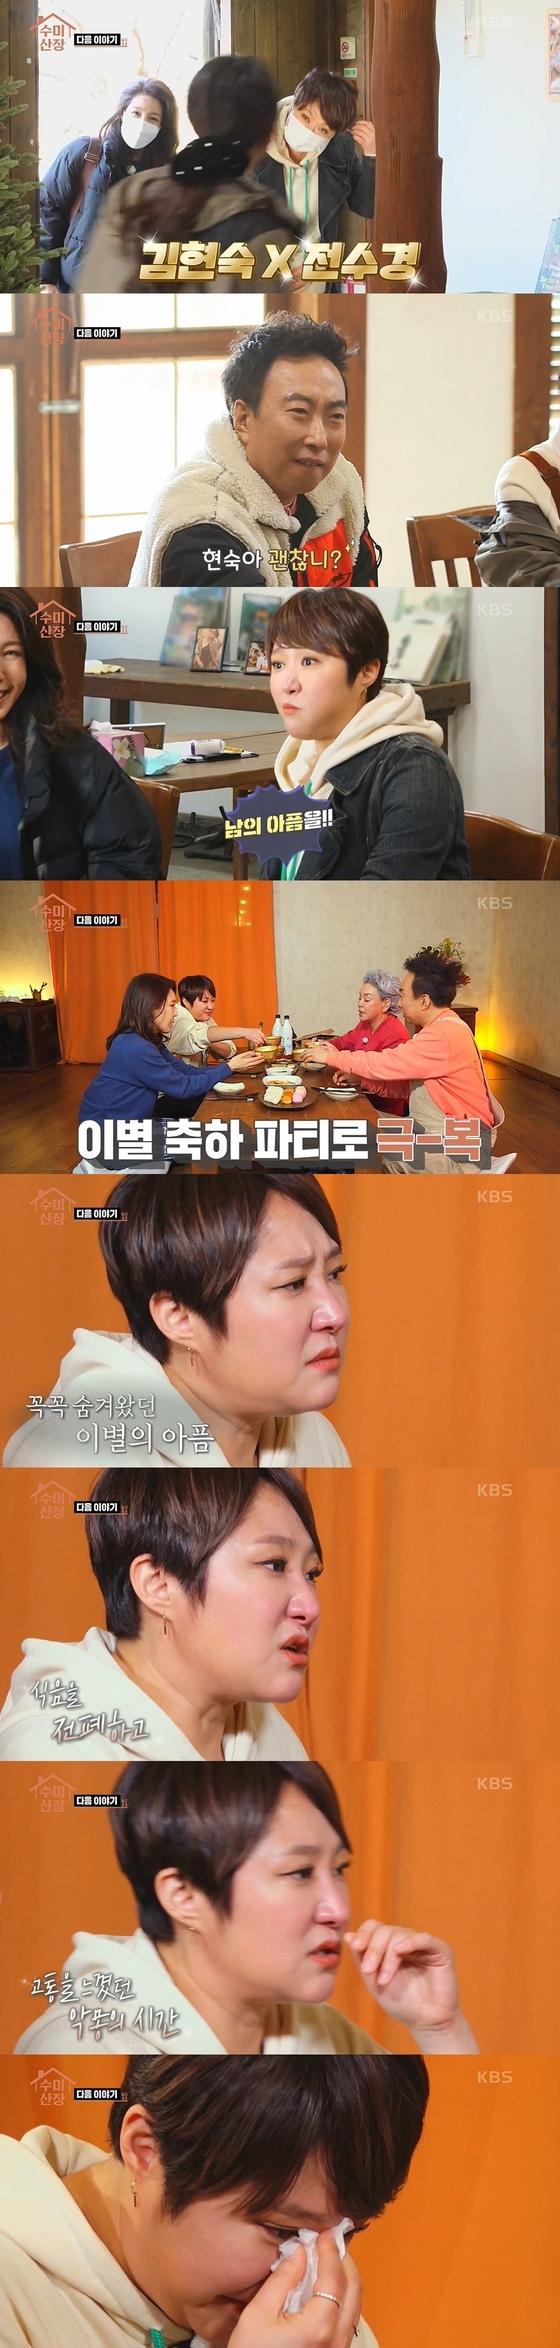 """김현석, 이혼 심장 """"먹고 마셔도 잠을 잘 수가 없어 …"""